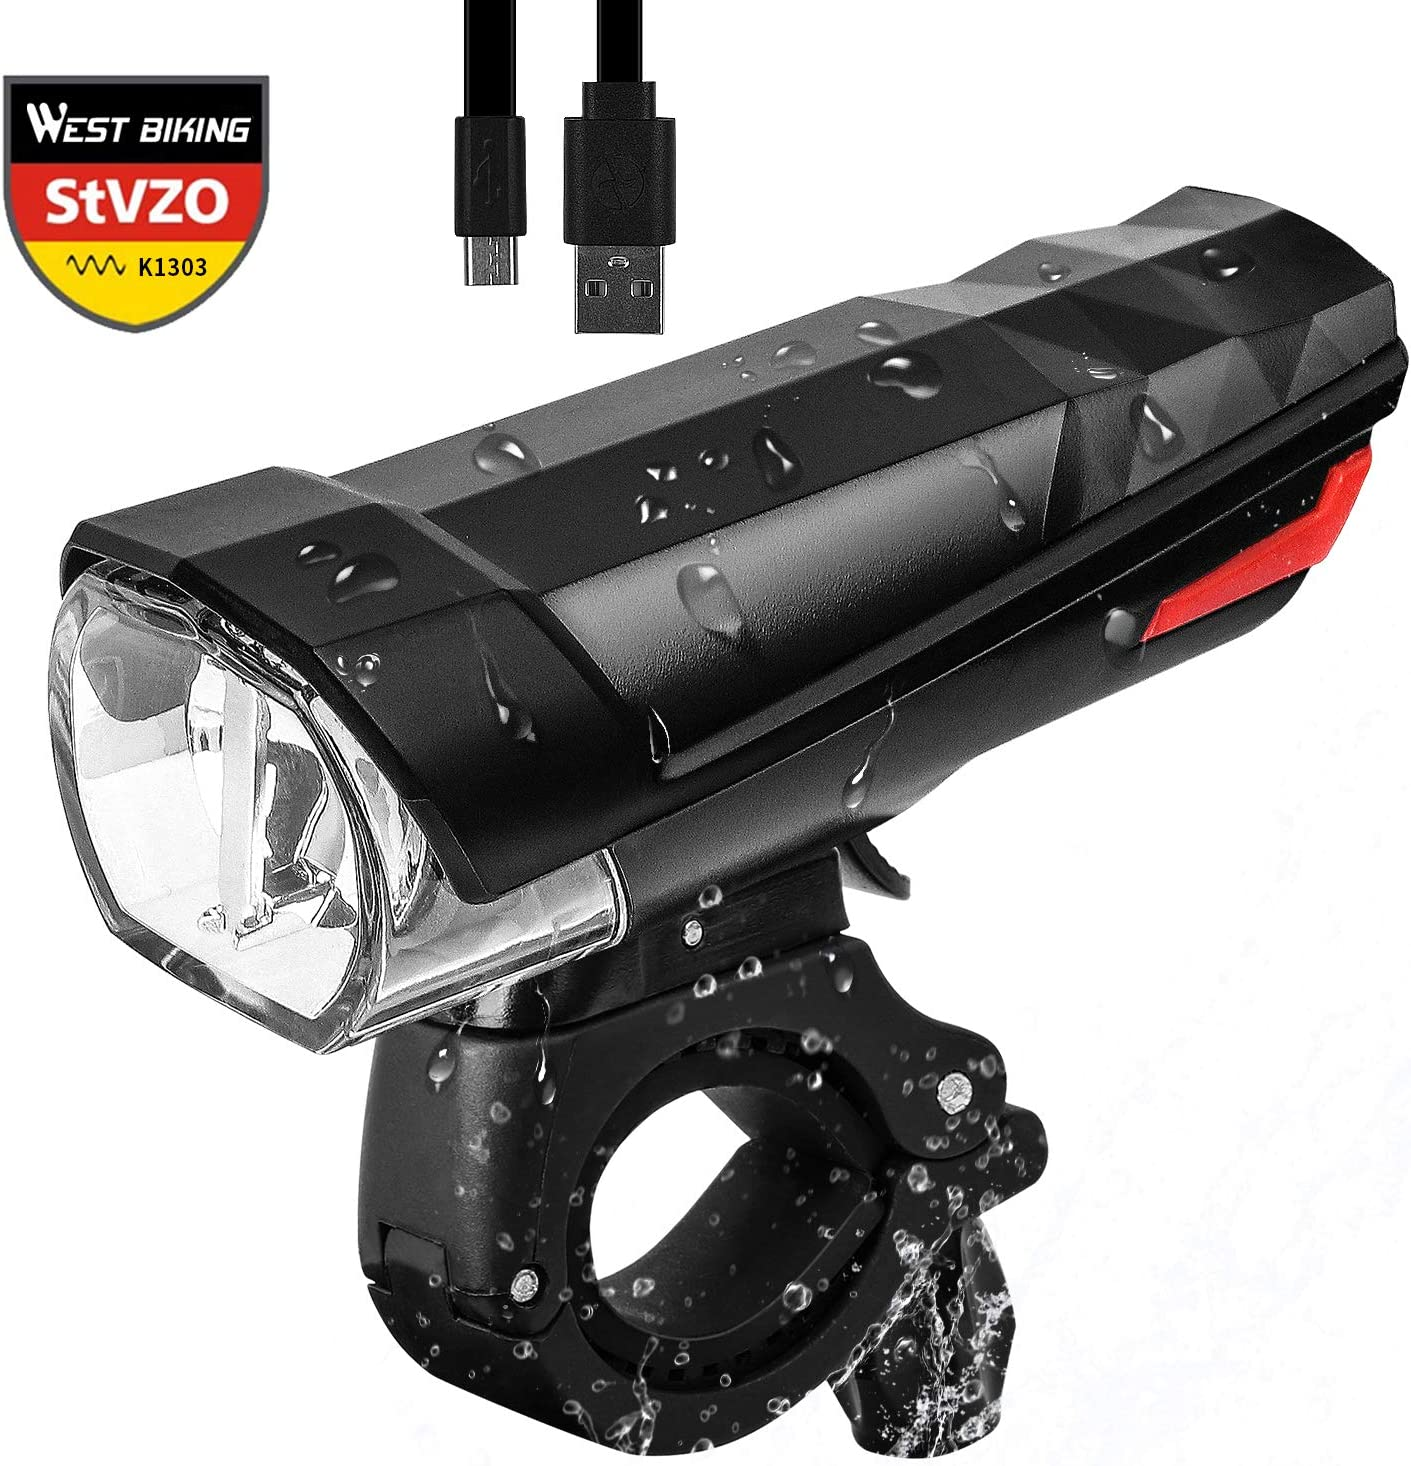 Jiaji USB-Fahrradscheinwerfer Ultrahelles Wiederaufladbares Fahrrad-Frontlicht Wasserdichtes Fahrradlicht f/ür Mountainbikes